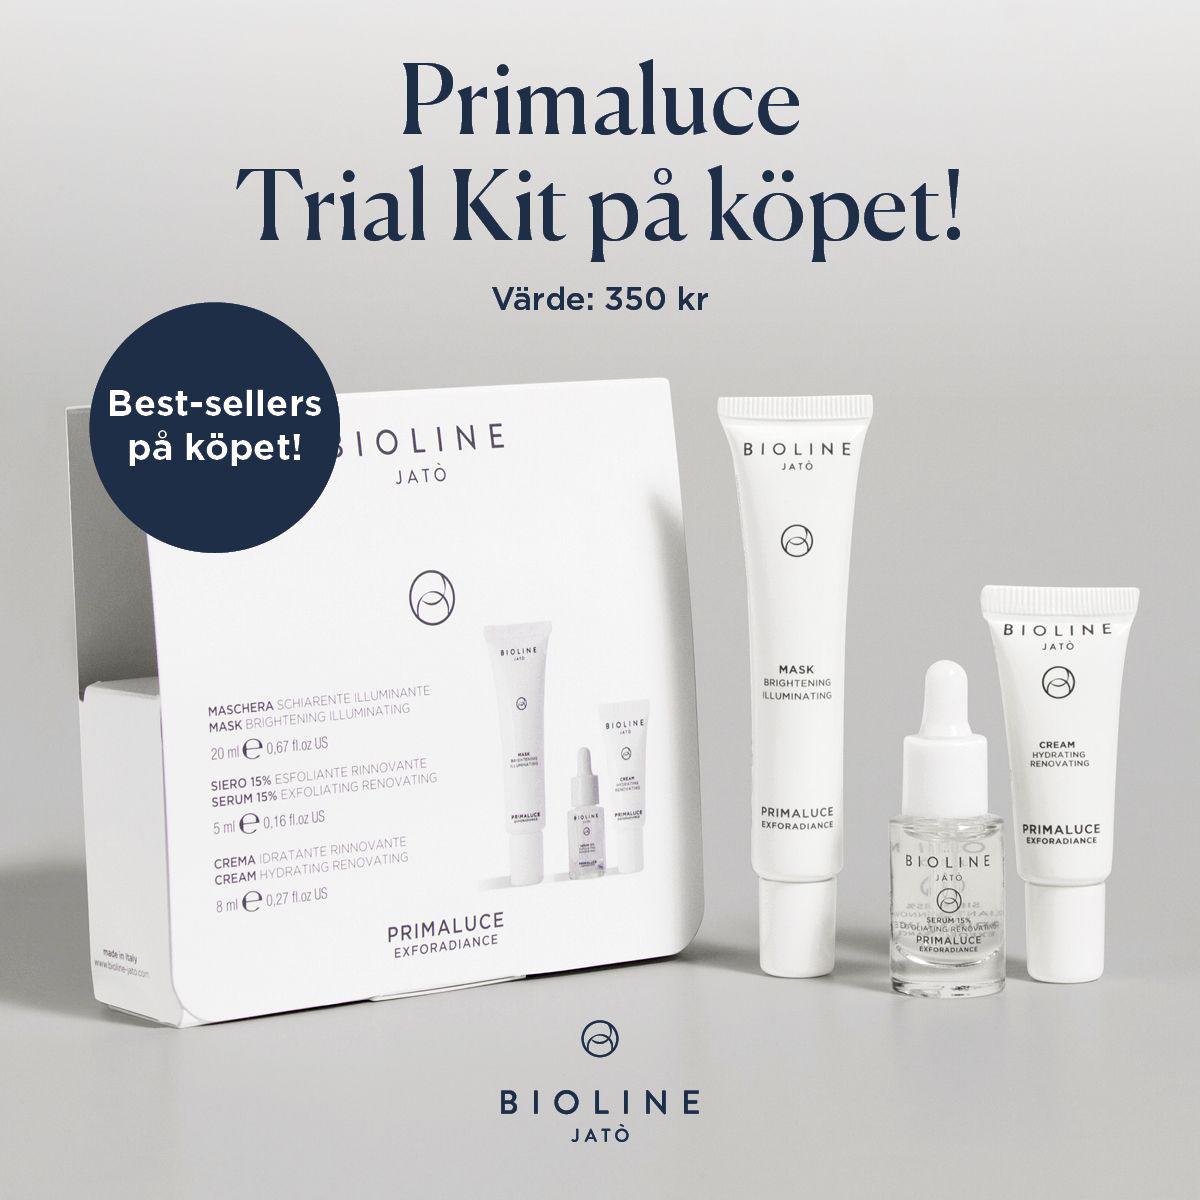 Bioline Primaluce Trial Kit på köpet